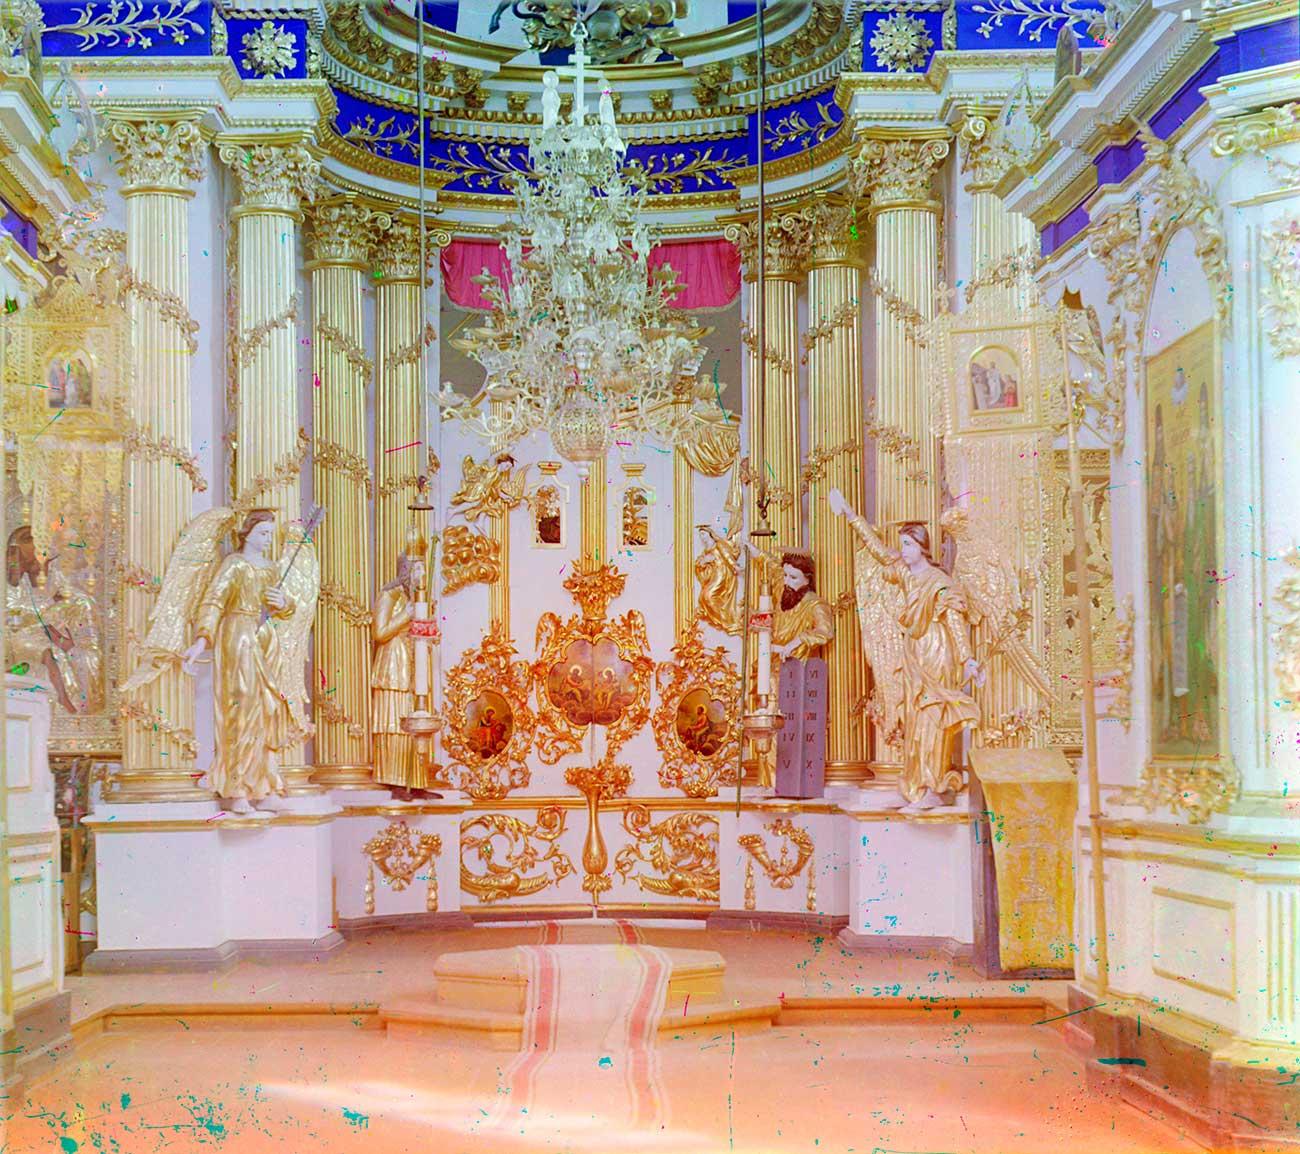 Cattedrale della Trasfigurazione di Belozersk: iconostasi, sezione inferiore con la Porta reale, estate 1909. Fonte: Sergej Prokudin-Gorskij